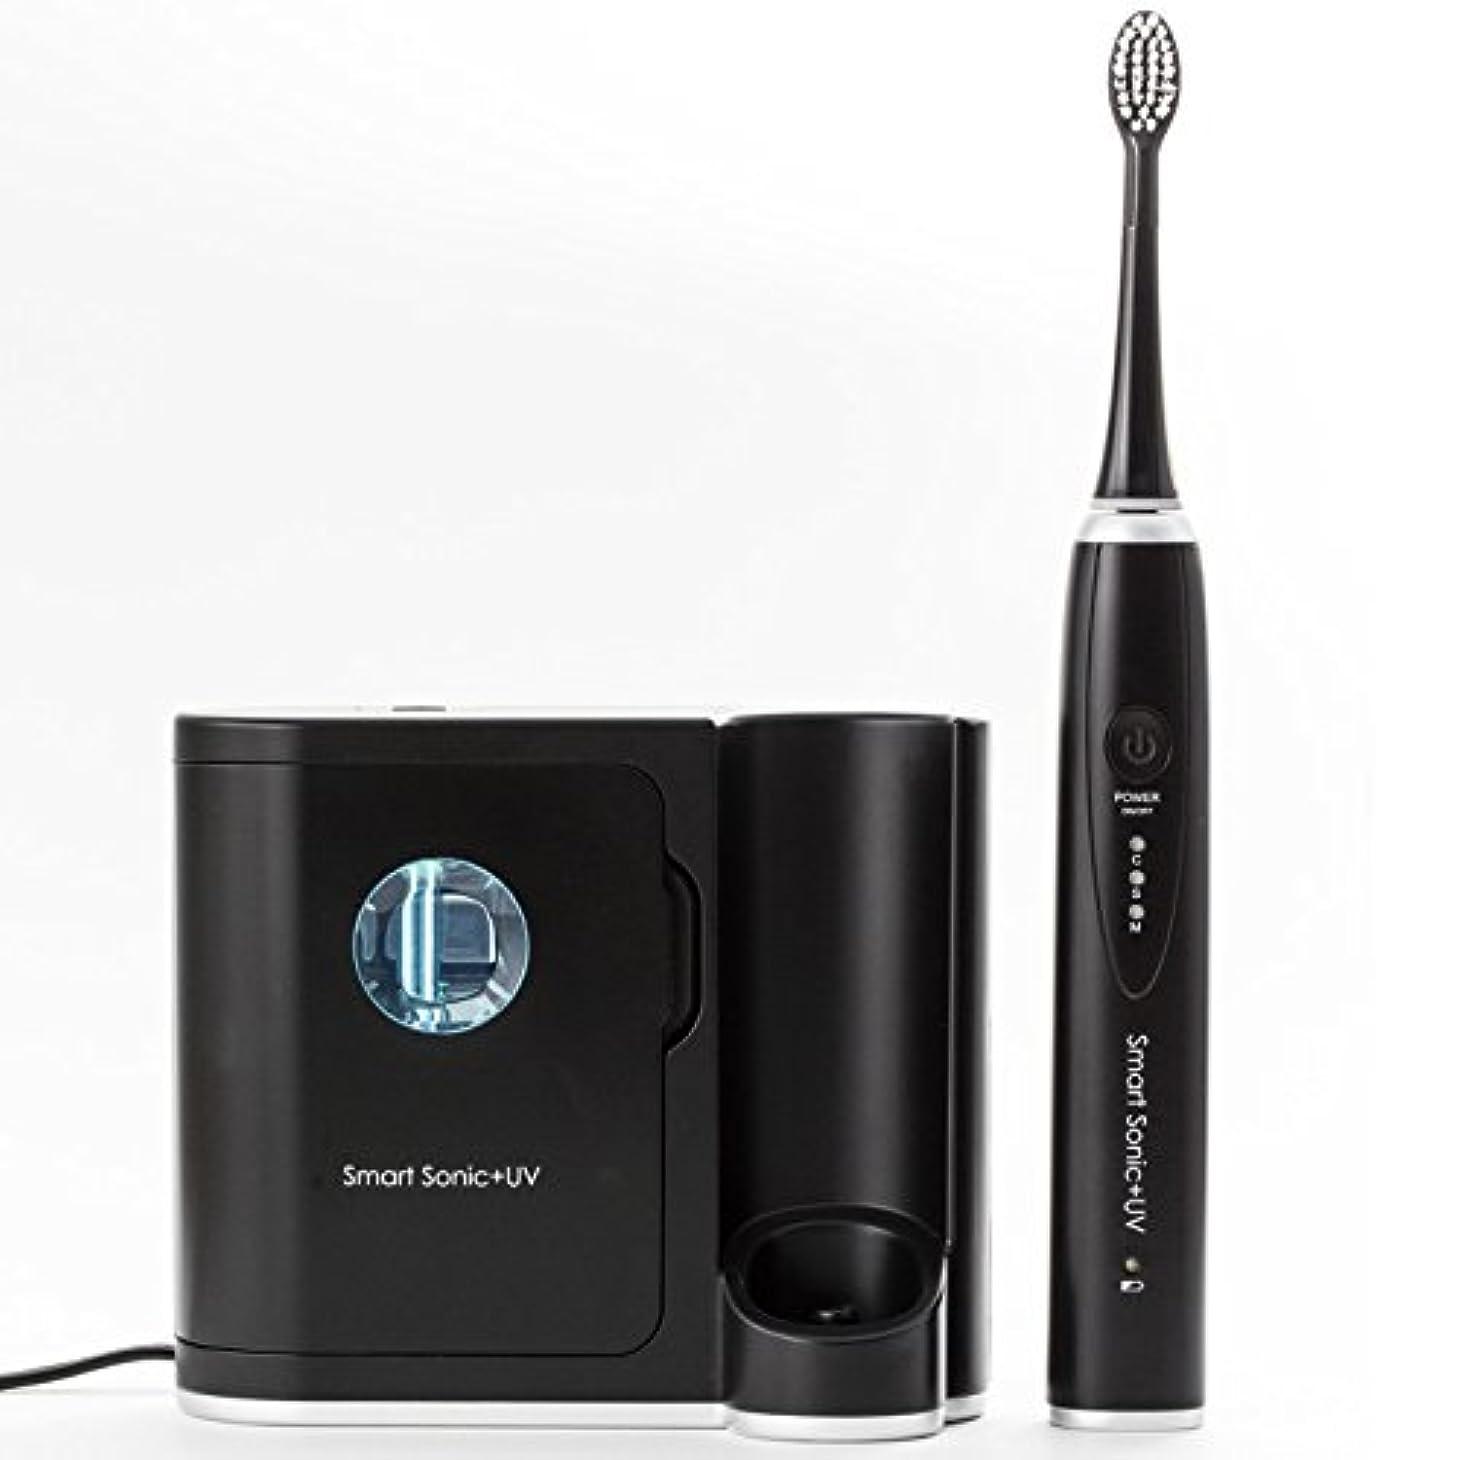 どう?余裕があるジョージハンブリー音波歯ブラシ UV 紫外線除菌 歯ブラシ 殺菌機能付き 電動歯ブラシ スマートソニック プラス UV Smart Sonic UV